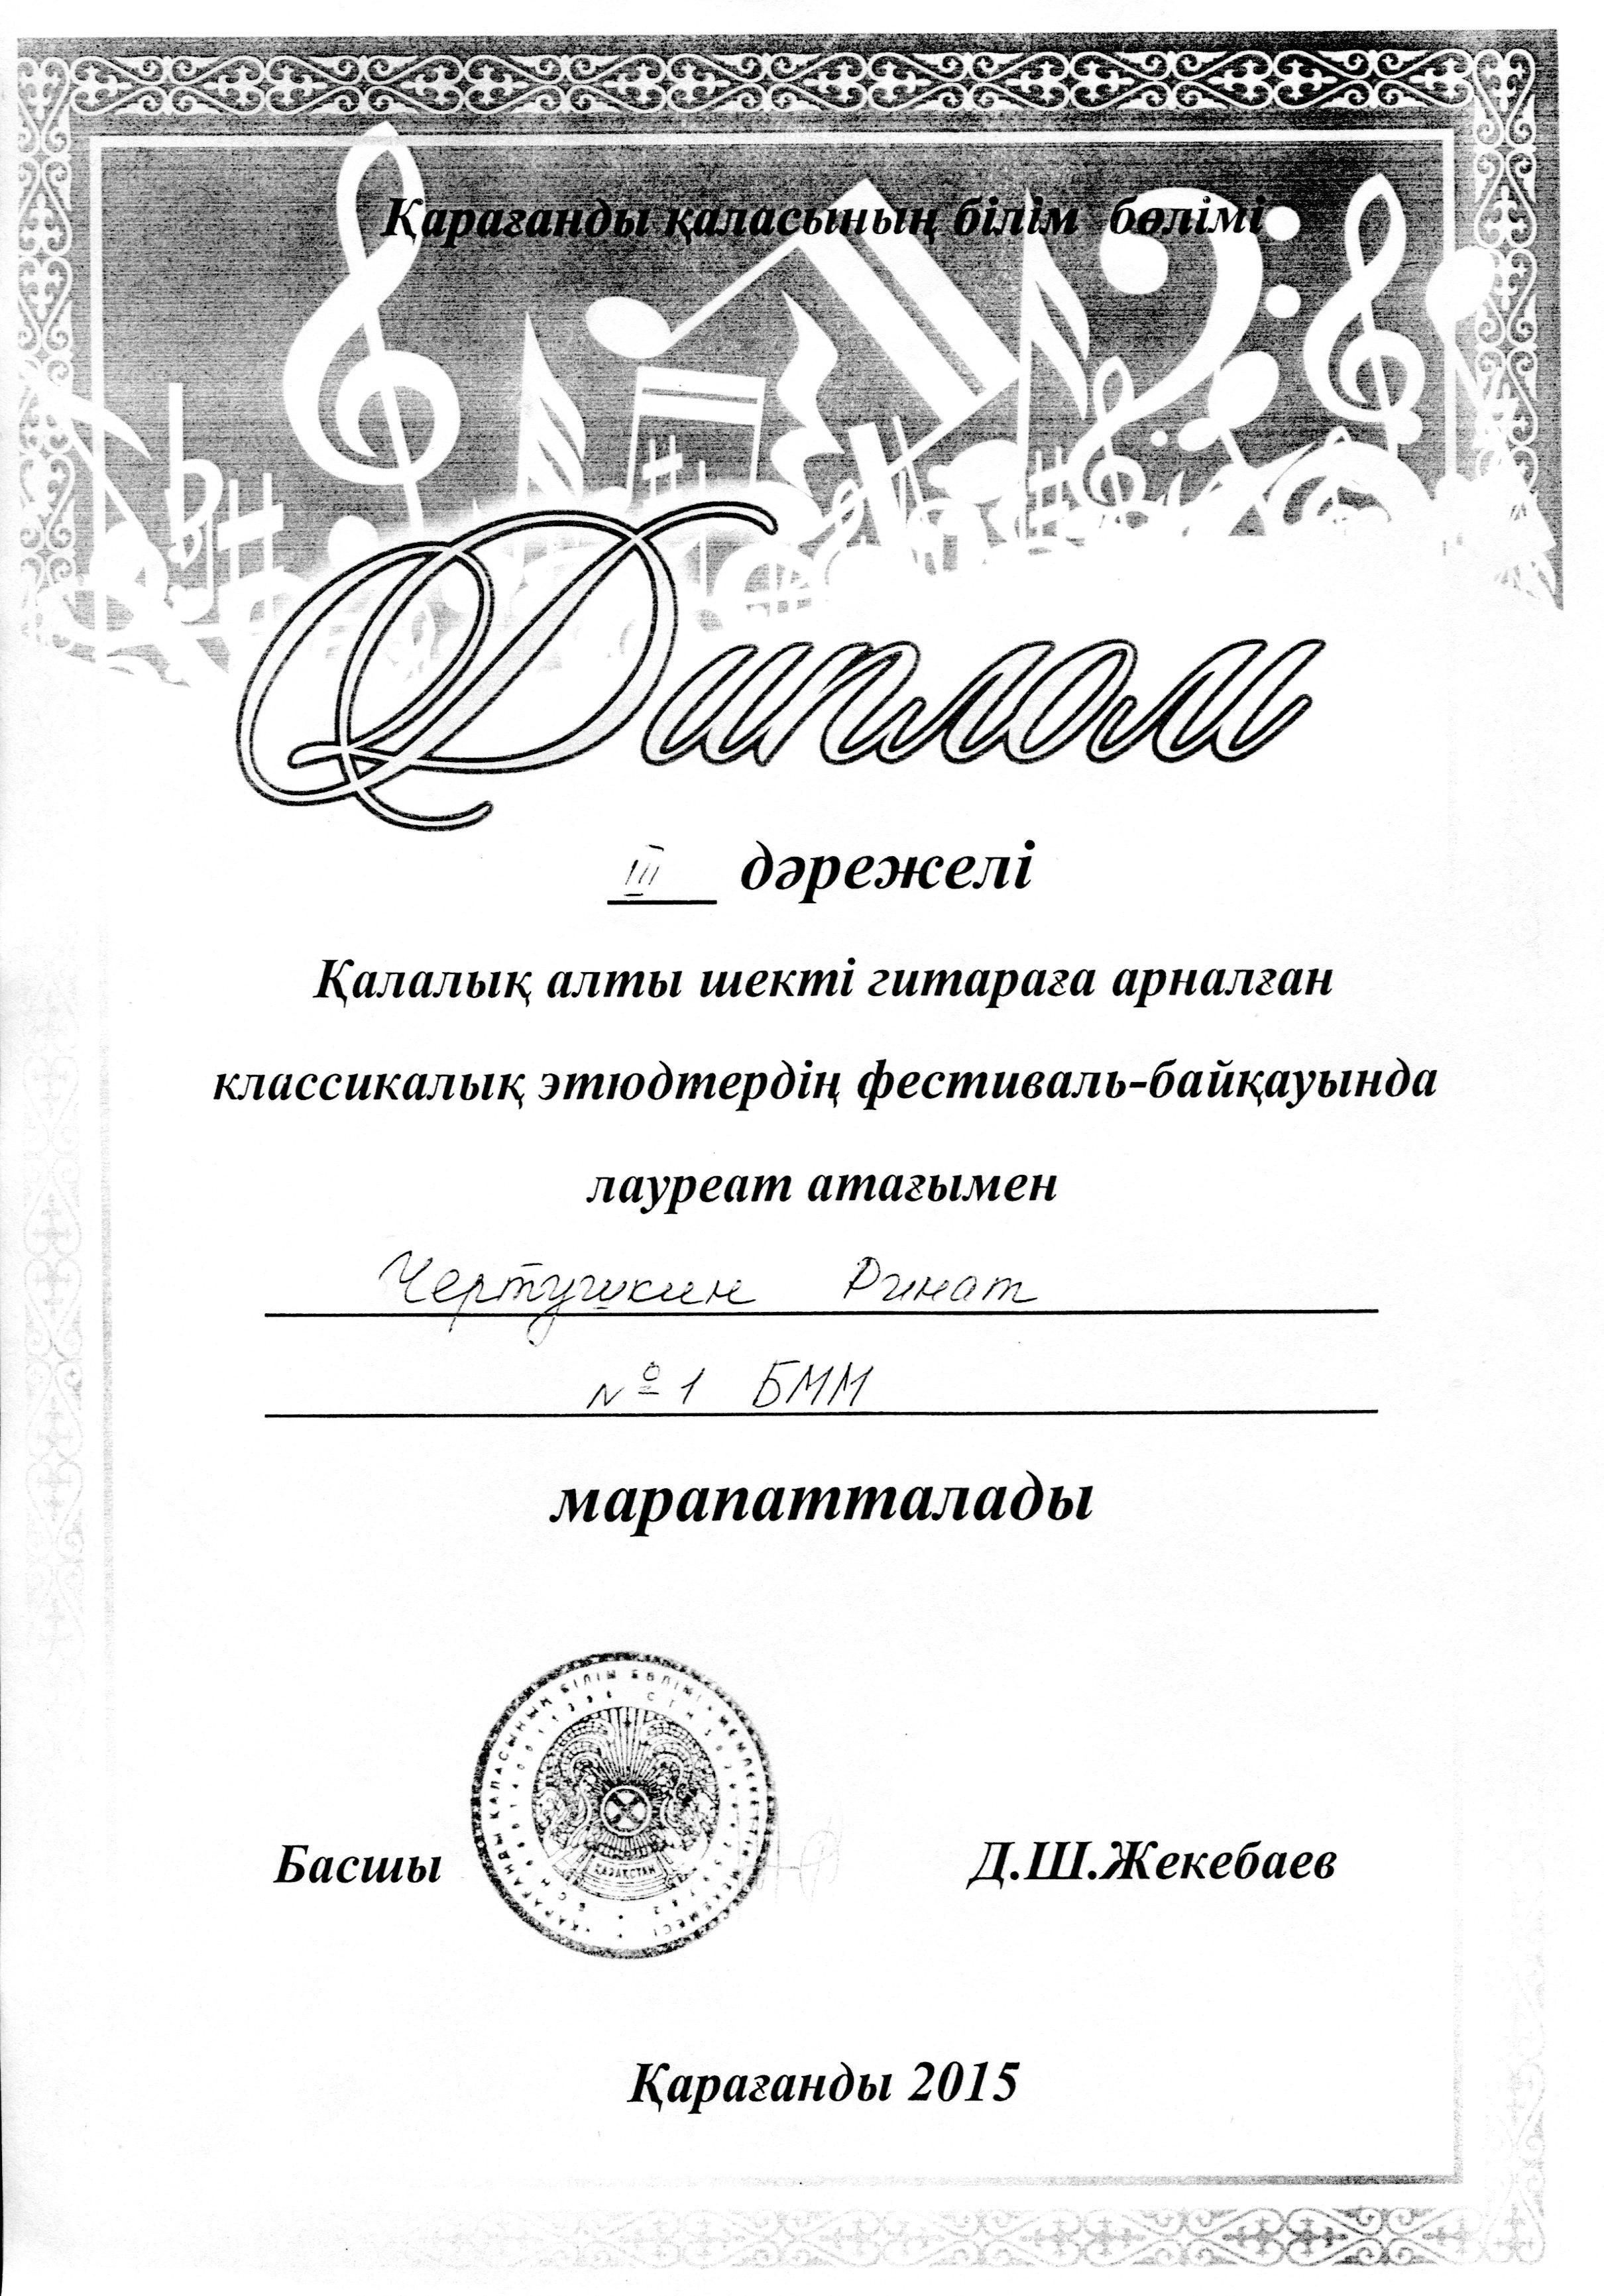 2015-03 Фестиваль-конкурс этюдов (Чертушкин диплом)